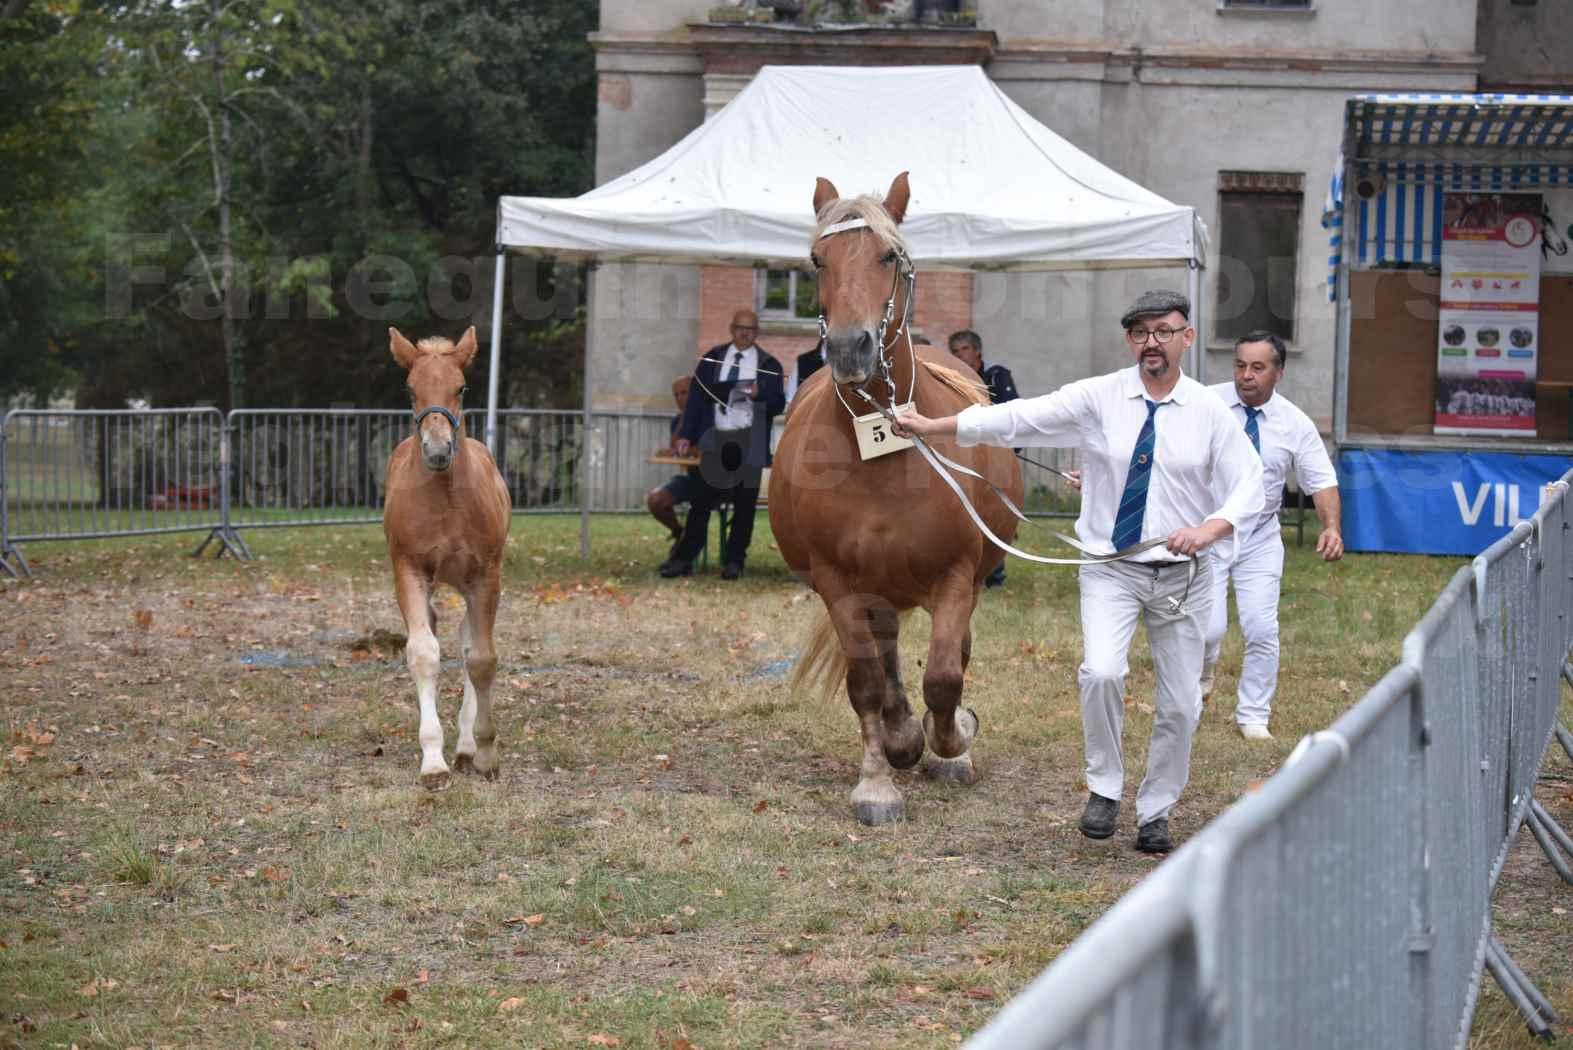 Concours Régional de chevaux de traits en 2017 - Jument & Poulain COMTOIS - ALLIANCE 3 - 15